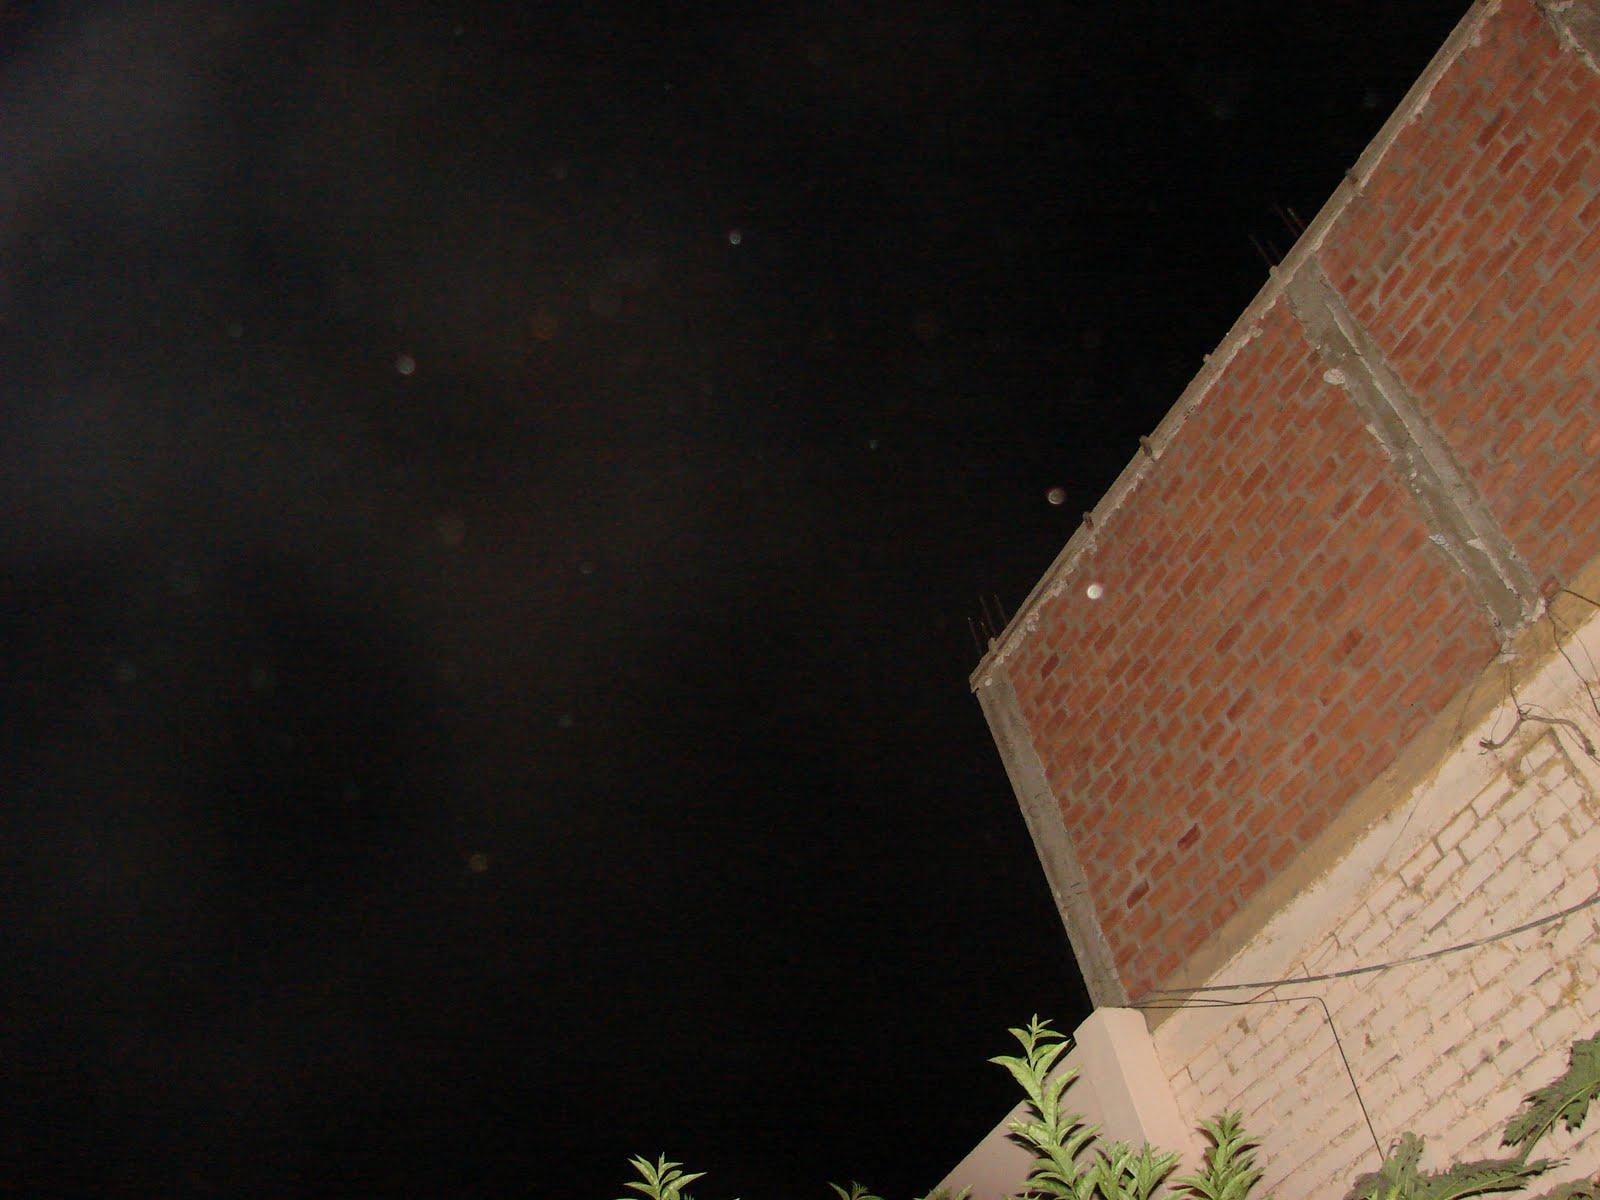 atencion-26-septiembre-27-28-29-30...2011 estrella roja en cielo avistamiento ovni sec...